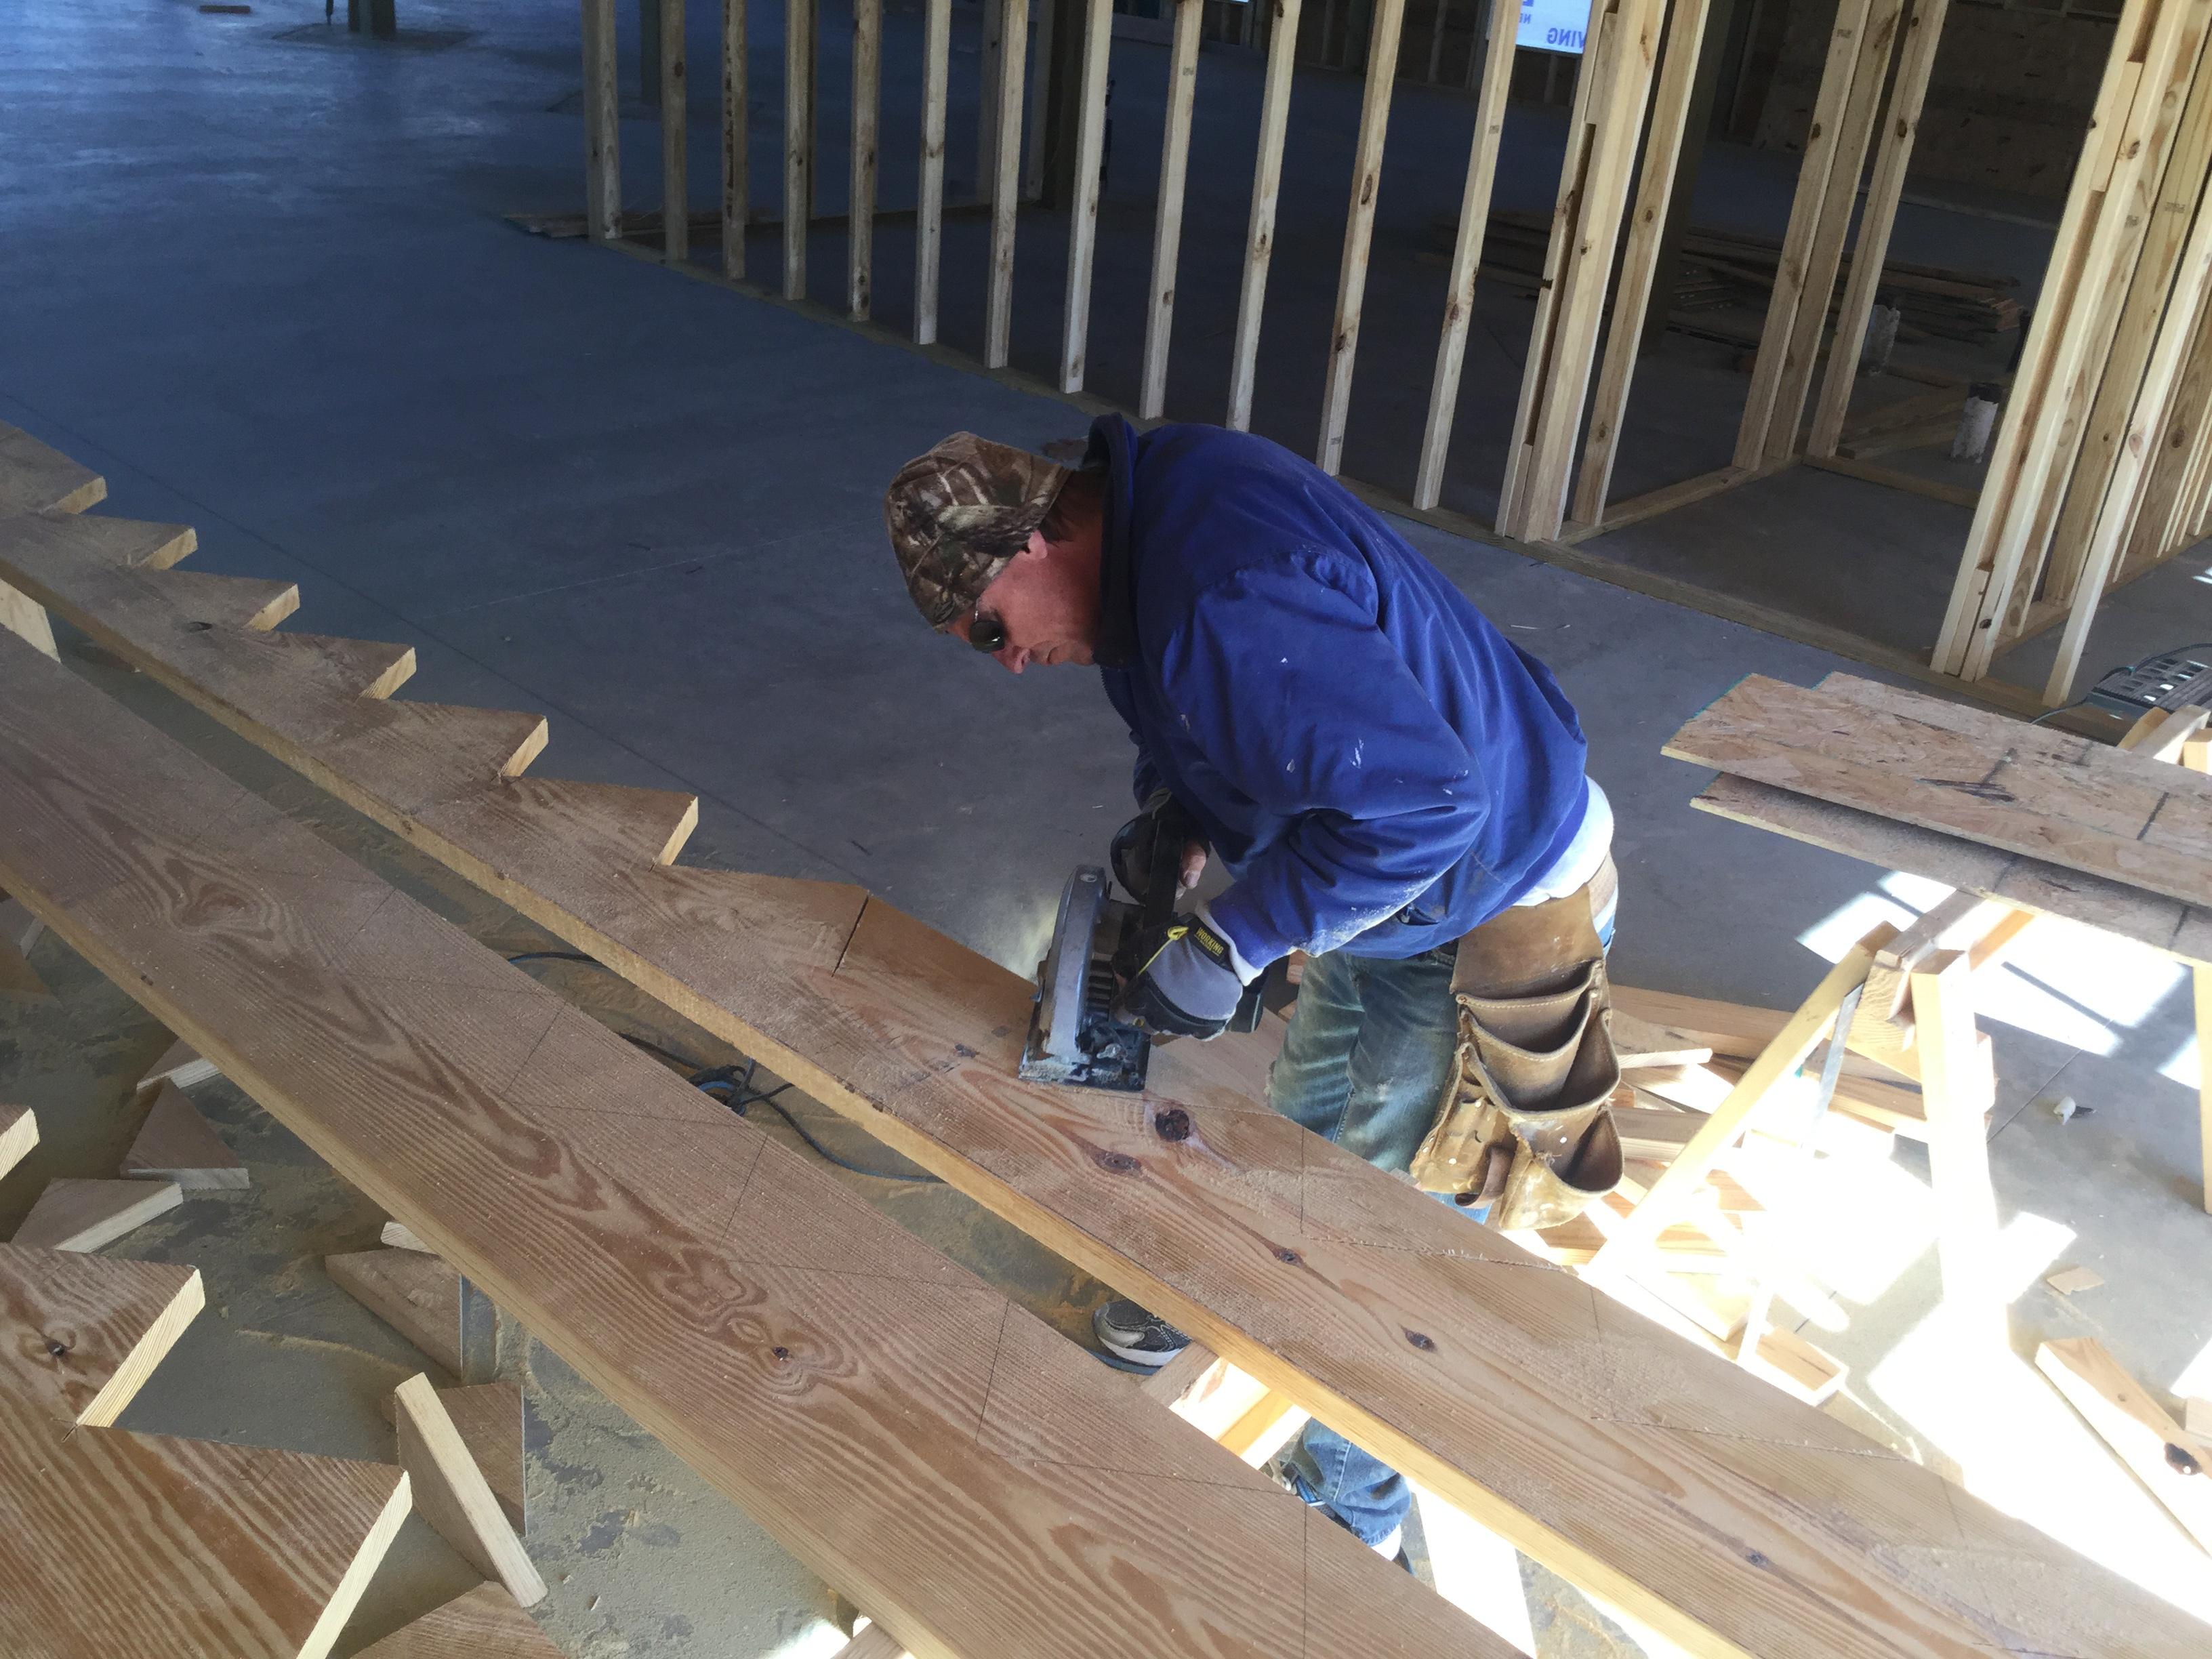 Construir una escalera paso por paso constru gu a al d a for Como hacer un piso de cemento paso a paso